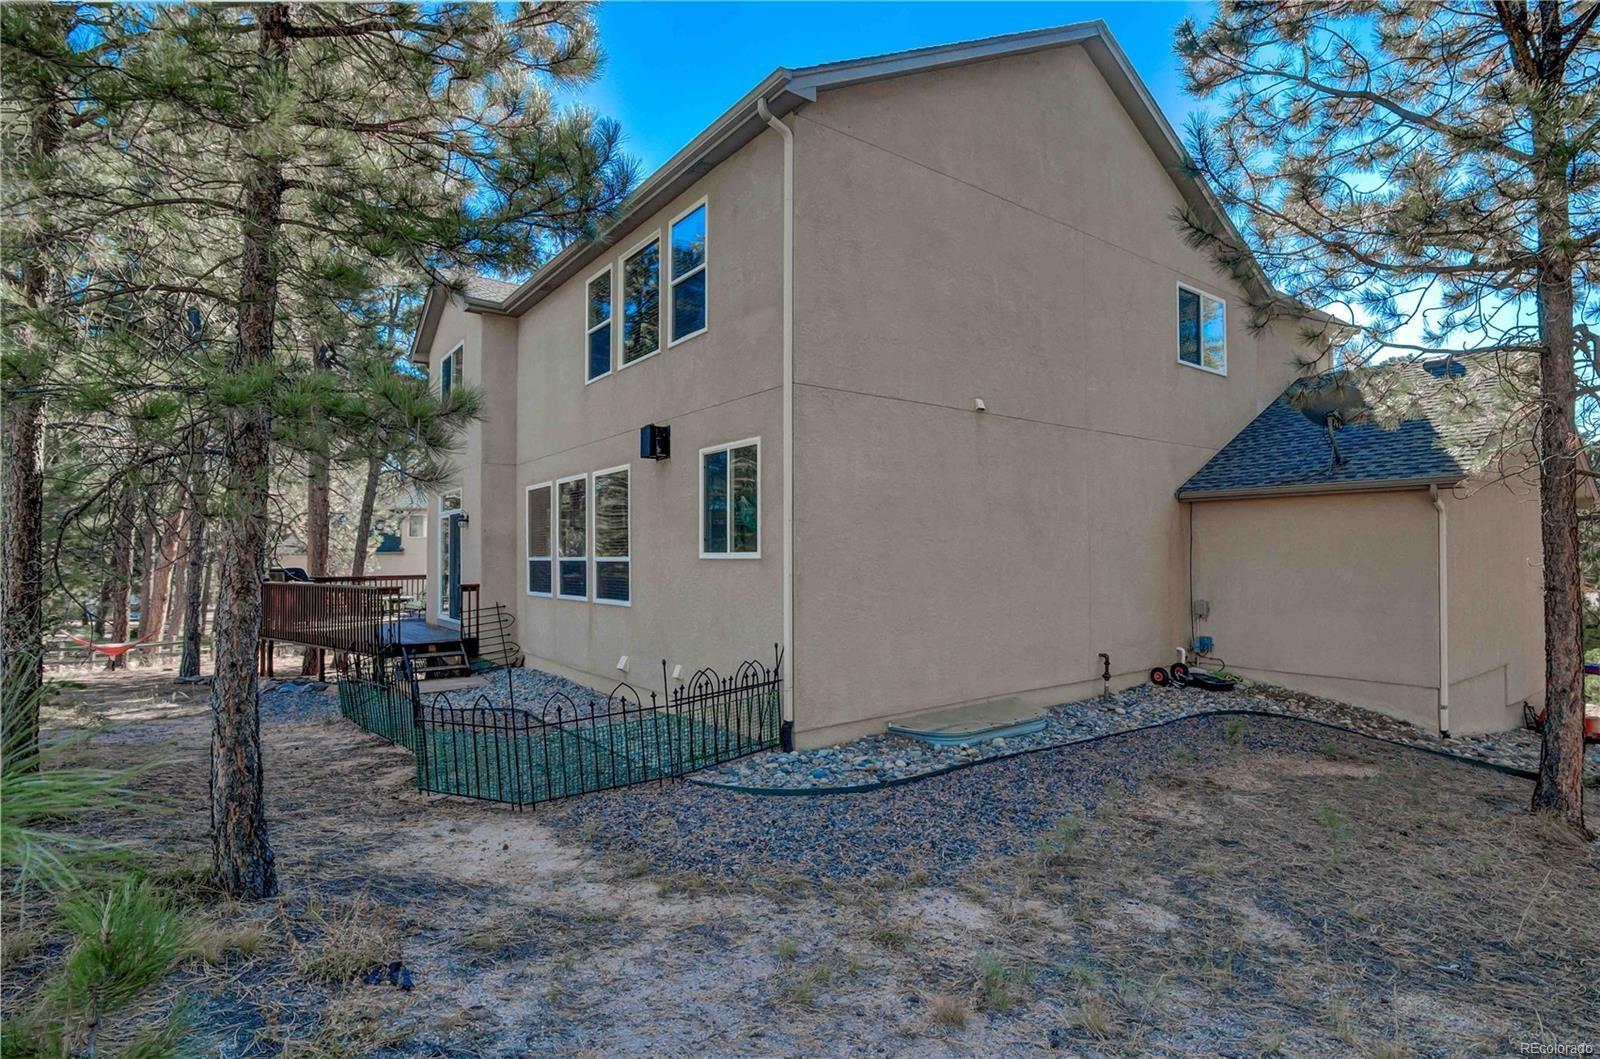 MLS# 5456451 - 28 - 15971 Woodmeadow Court, Colorado Springs, CO 80921